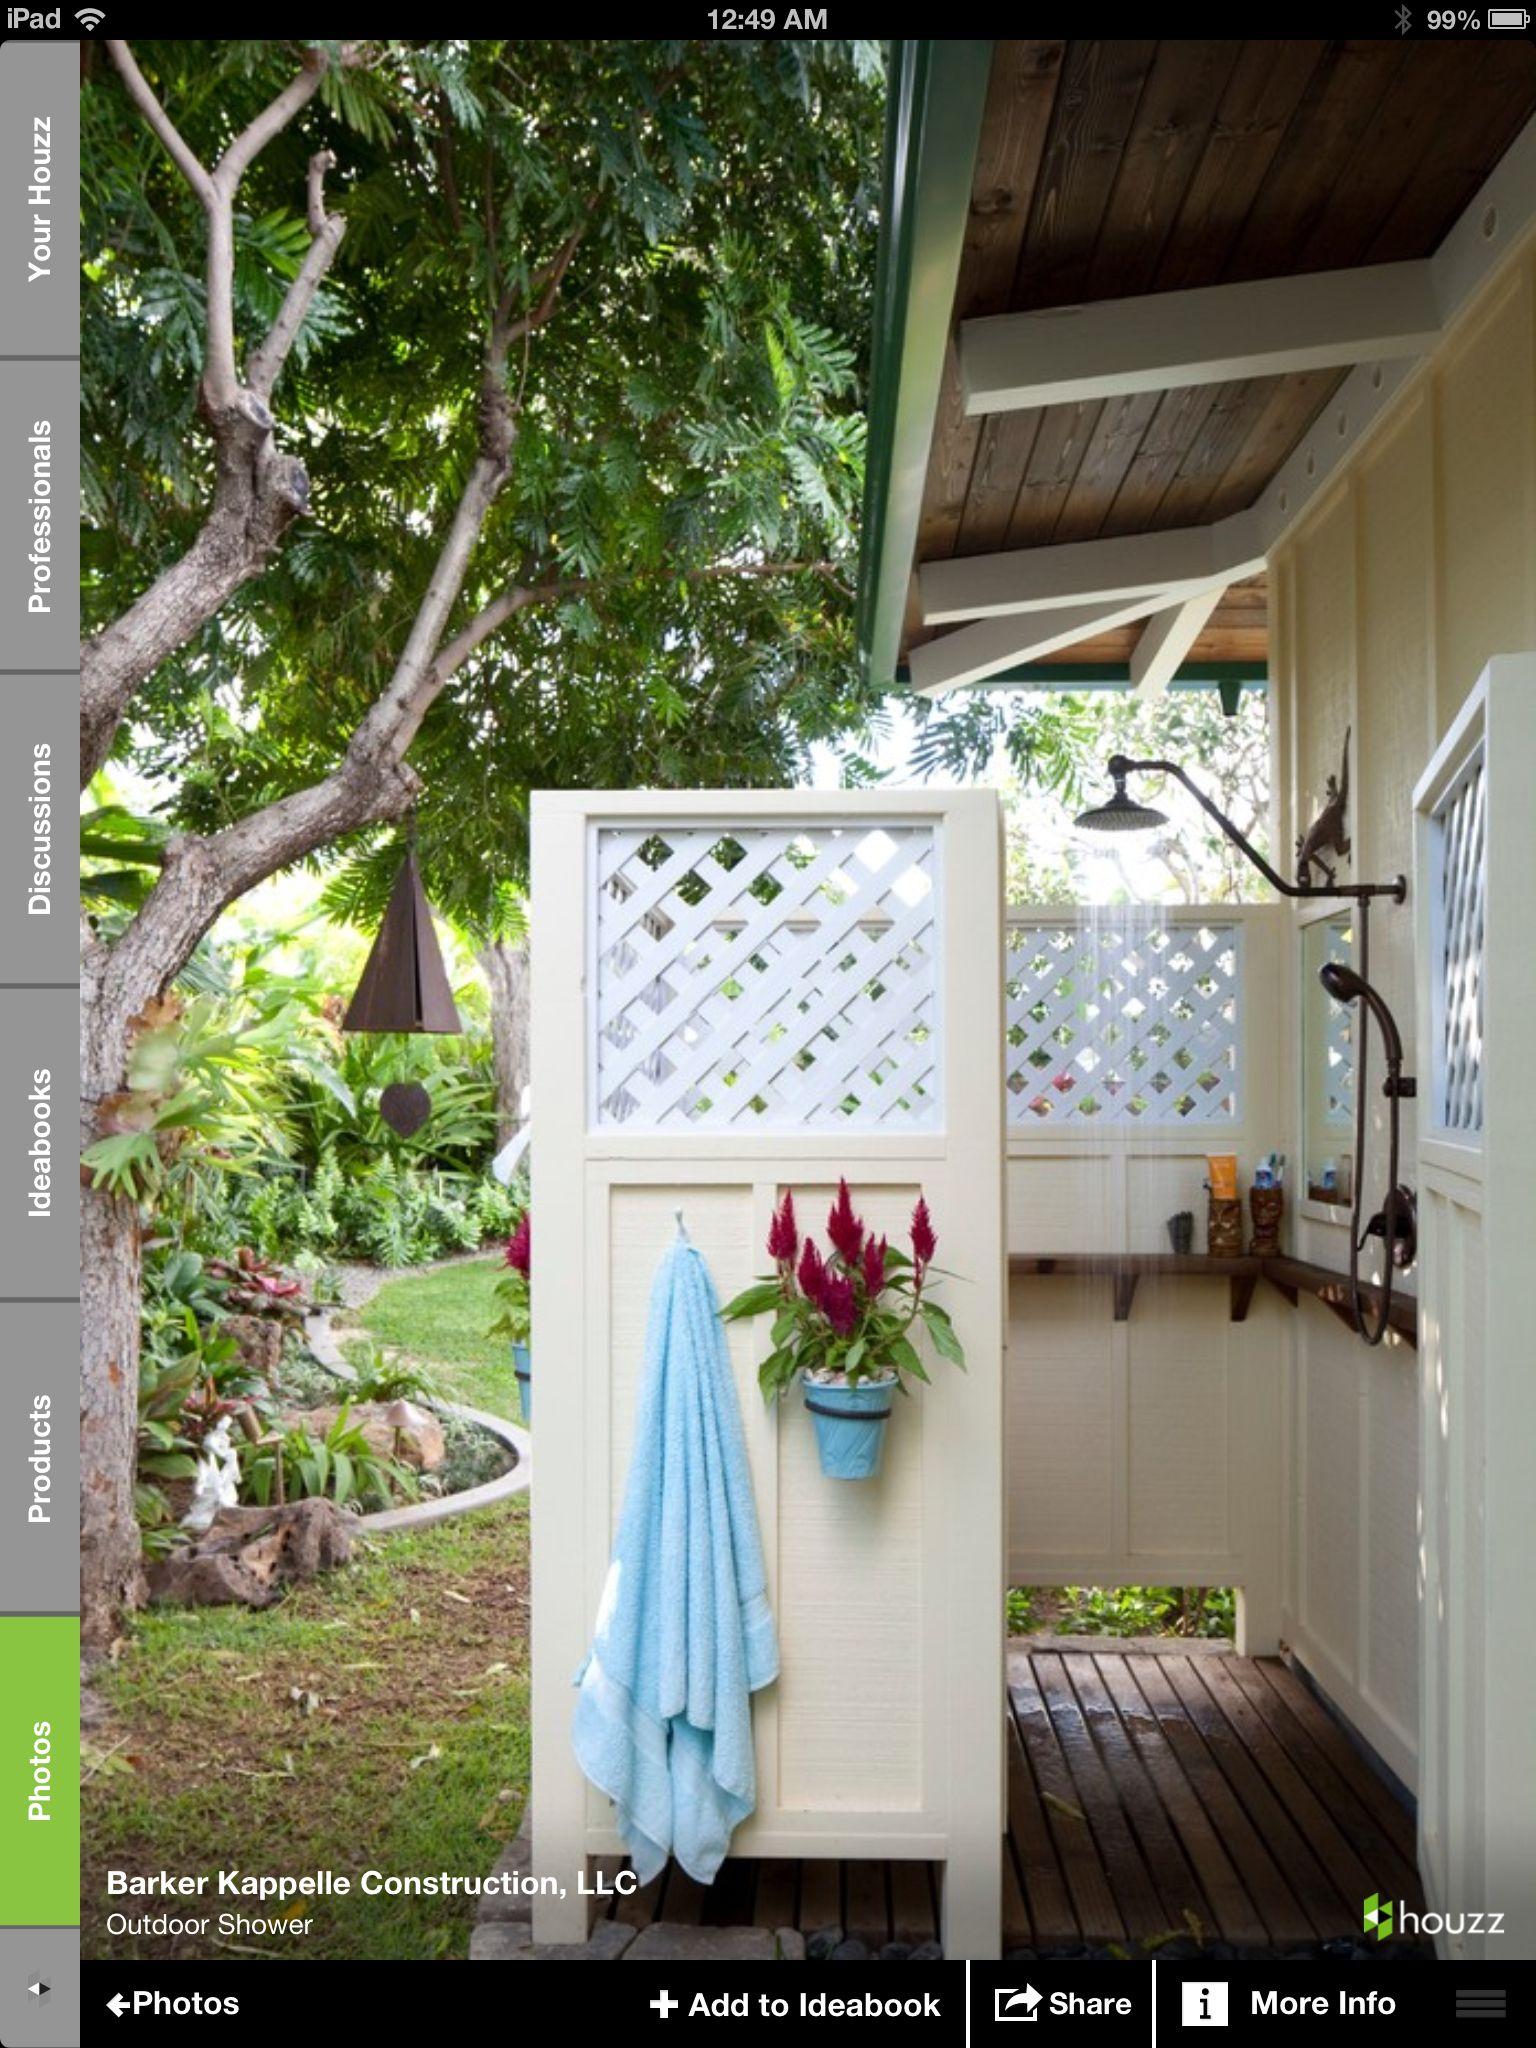 outdoor shower goa home inspiration pinterest backyard